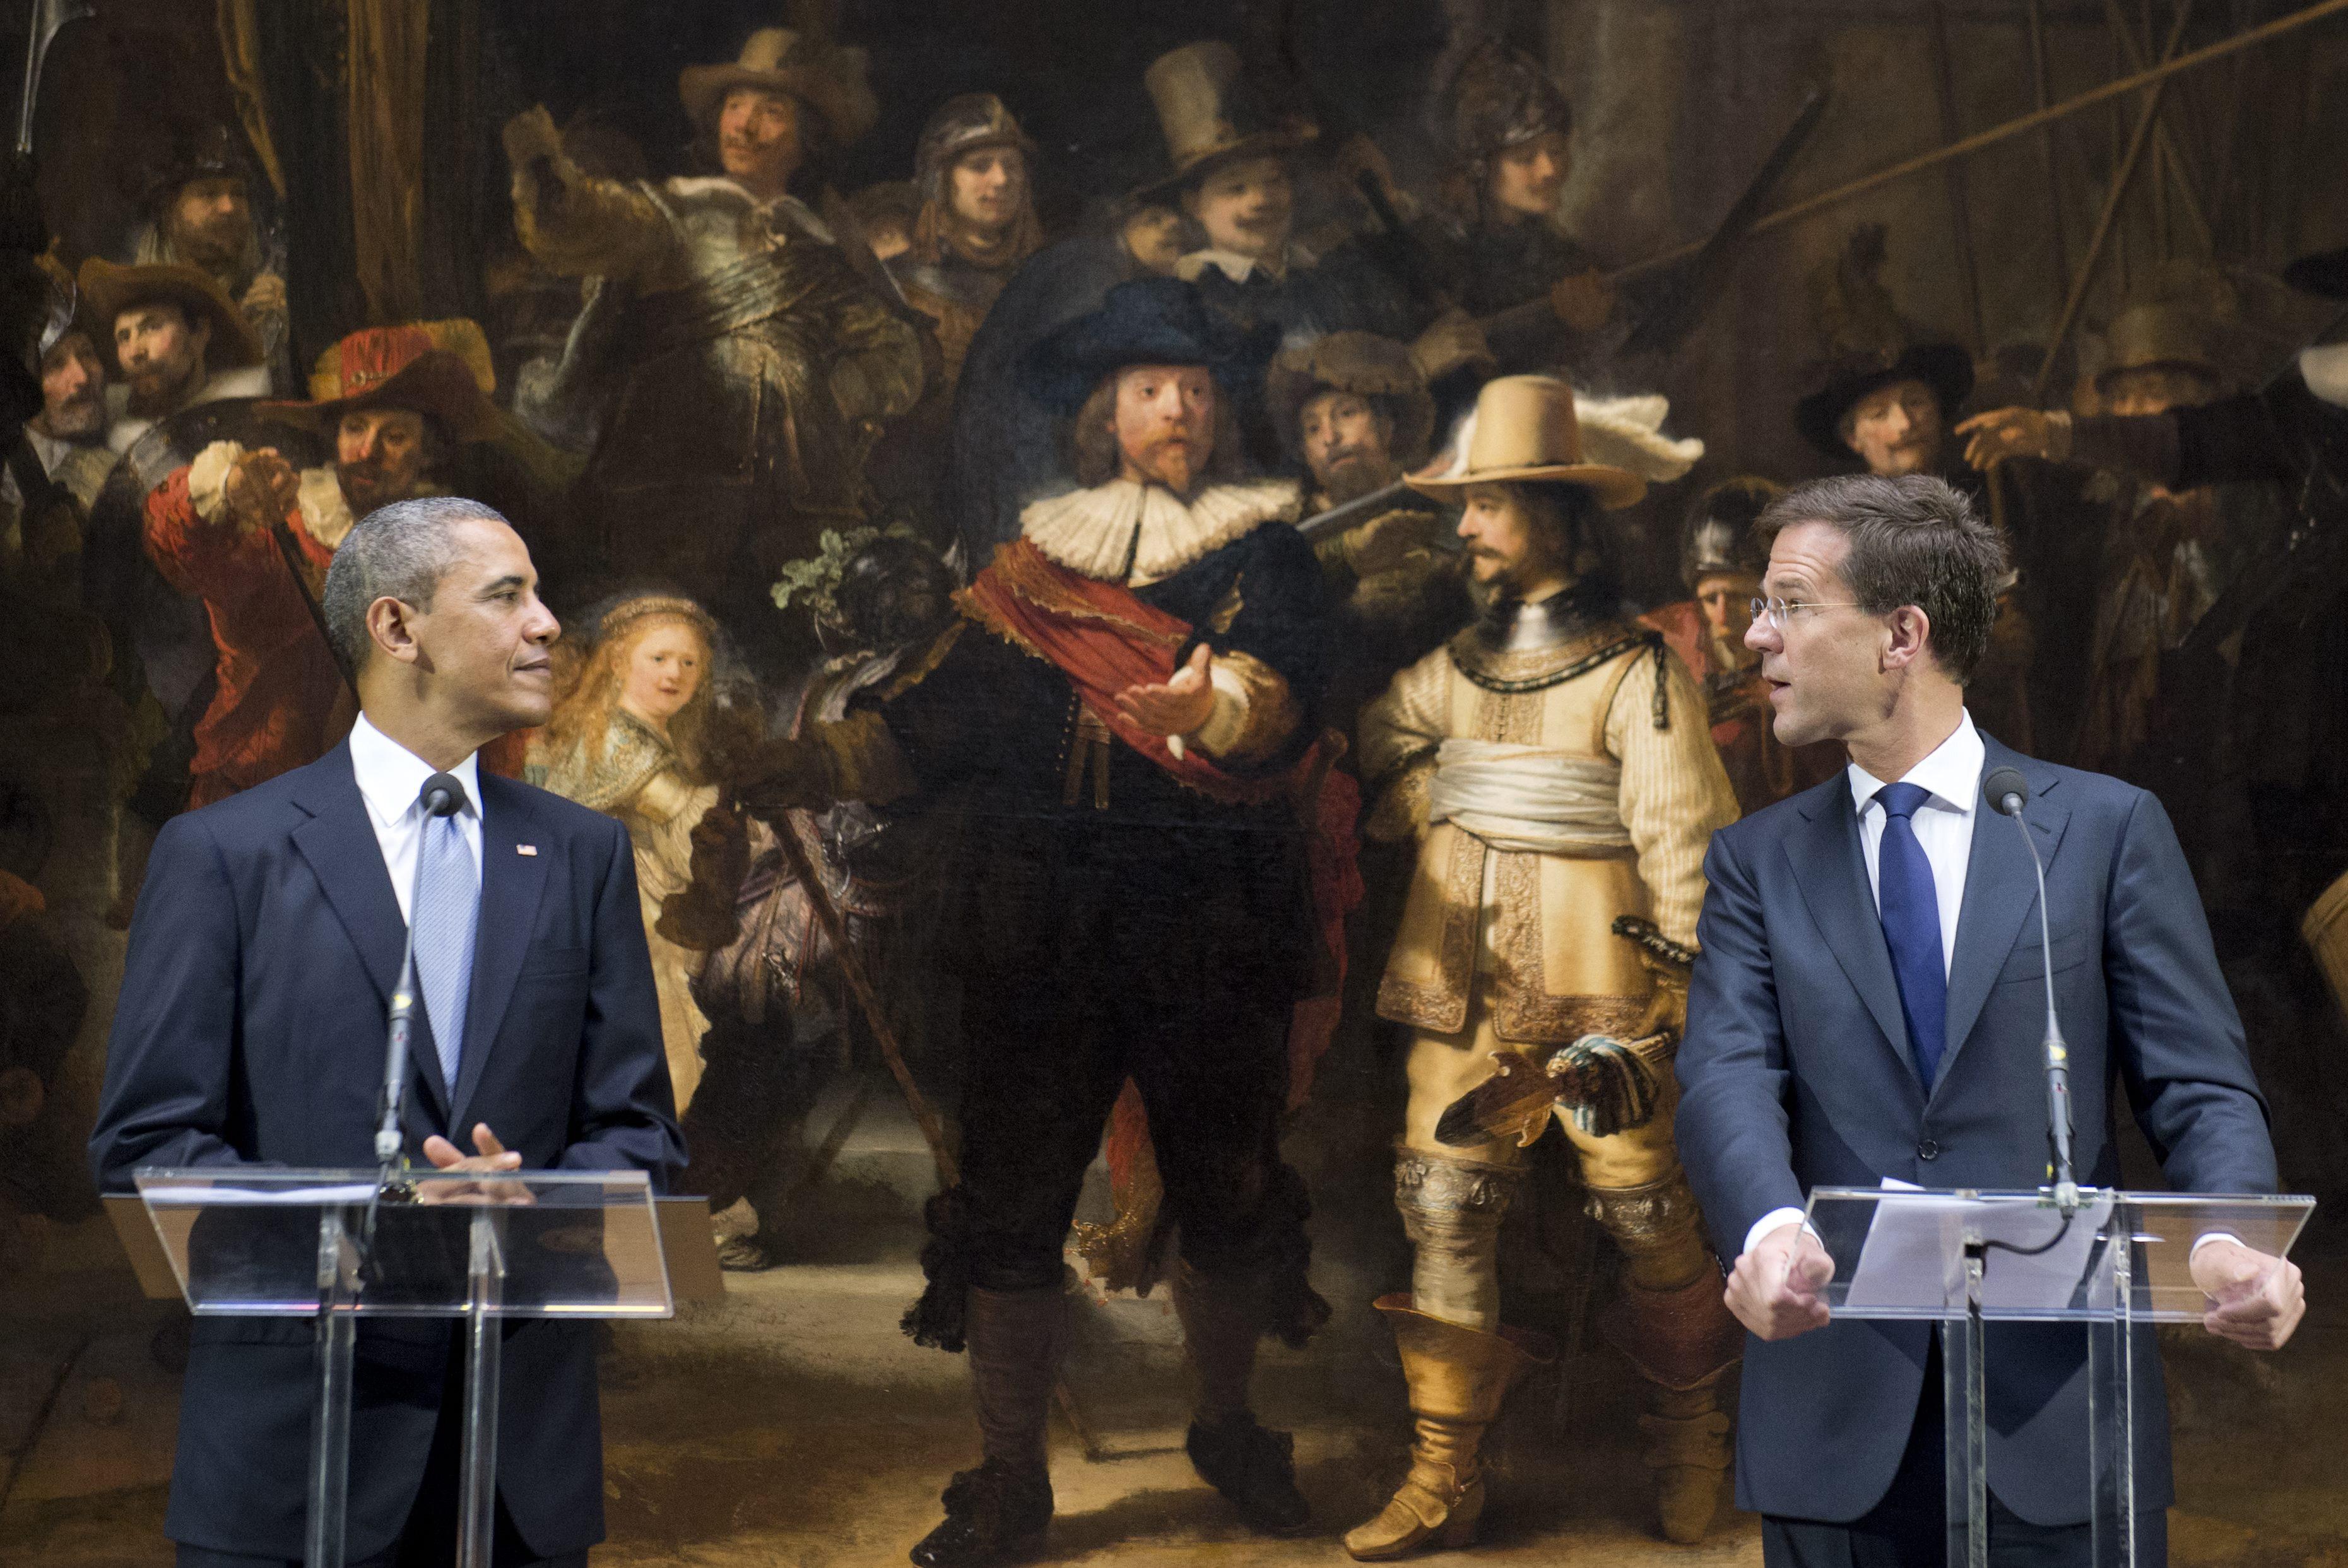 """Amsterdam: Obama besichtigte Rembrandts """"Nachtwache"""""""